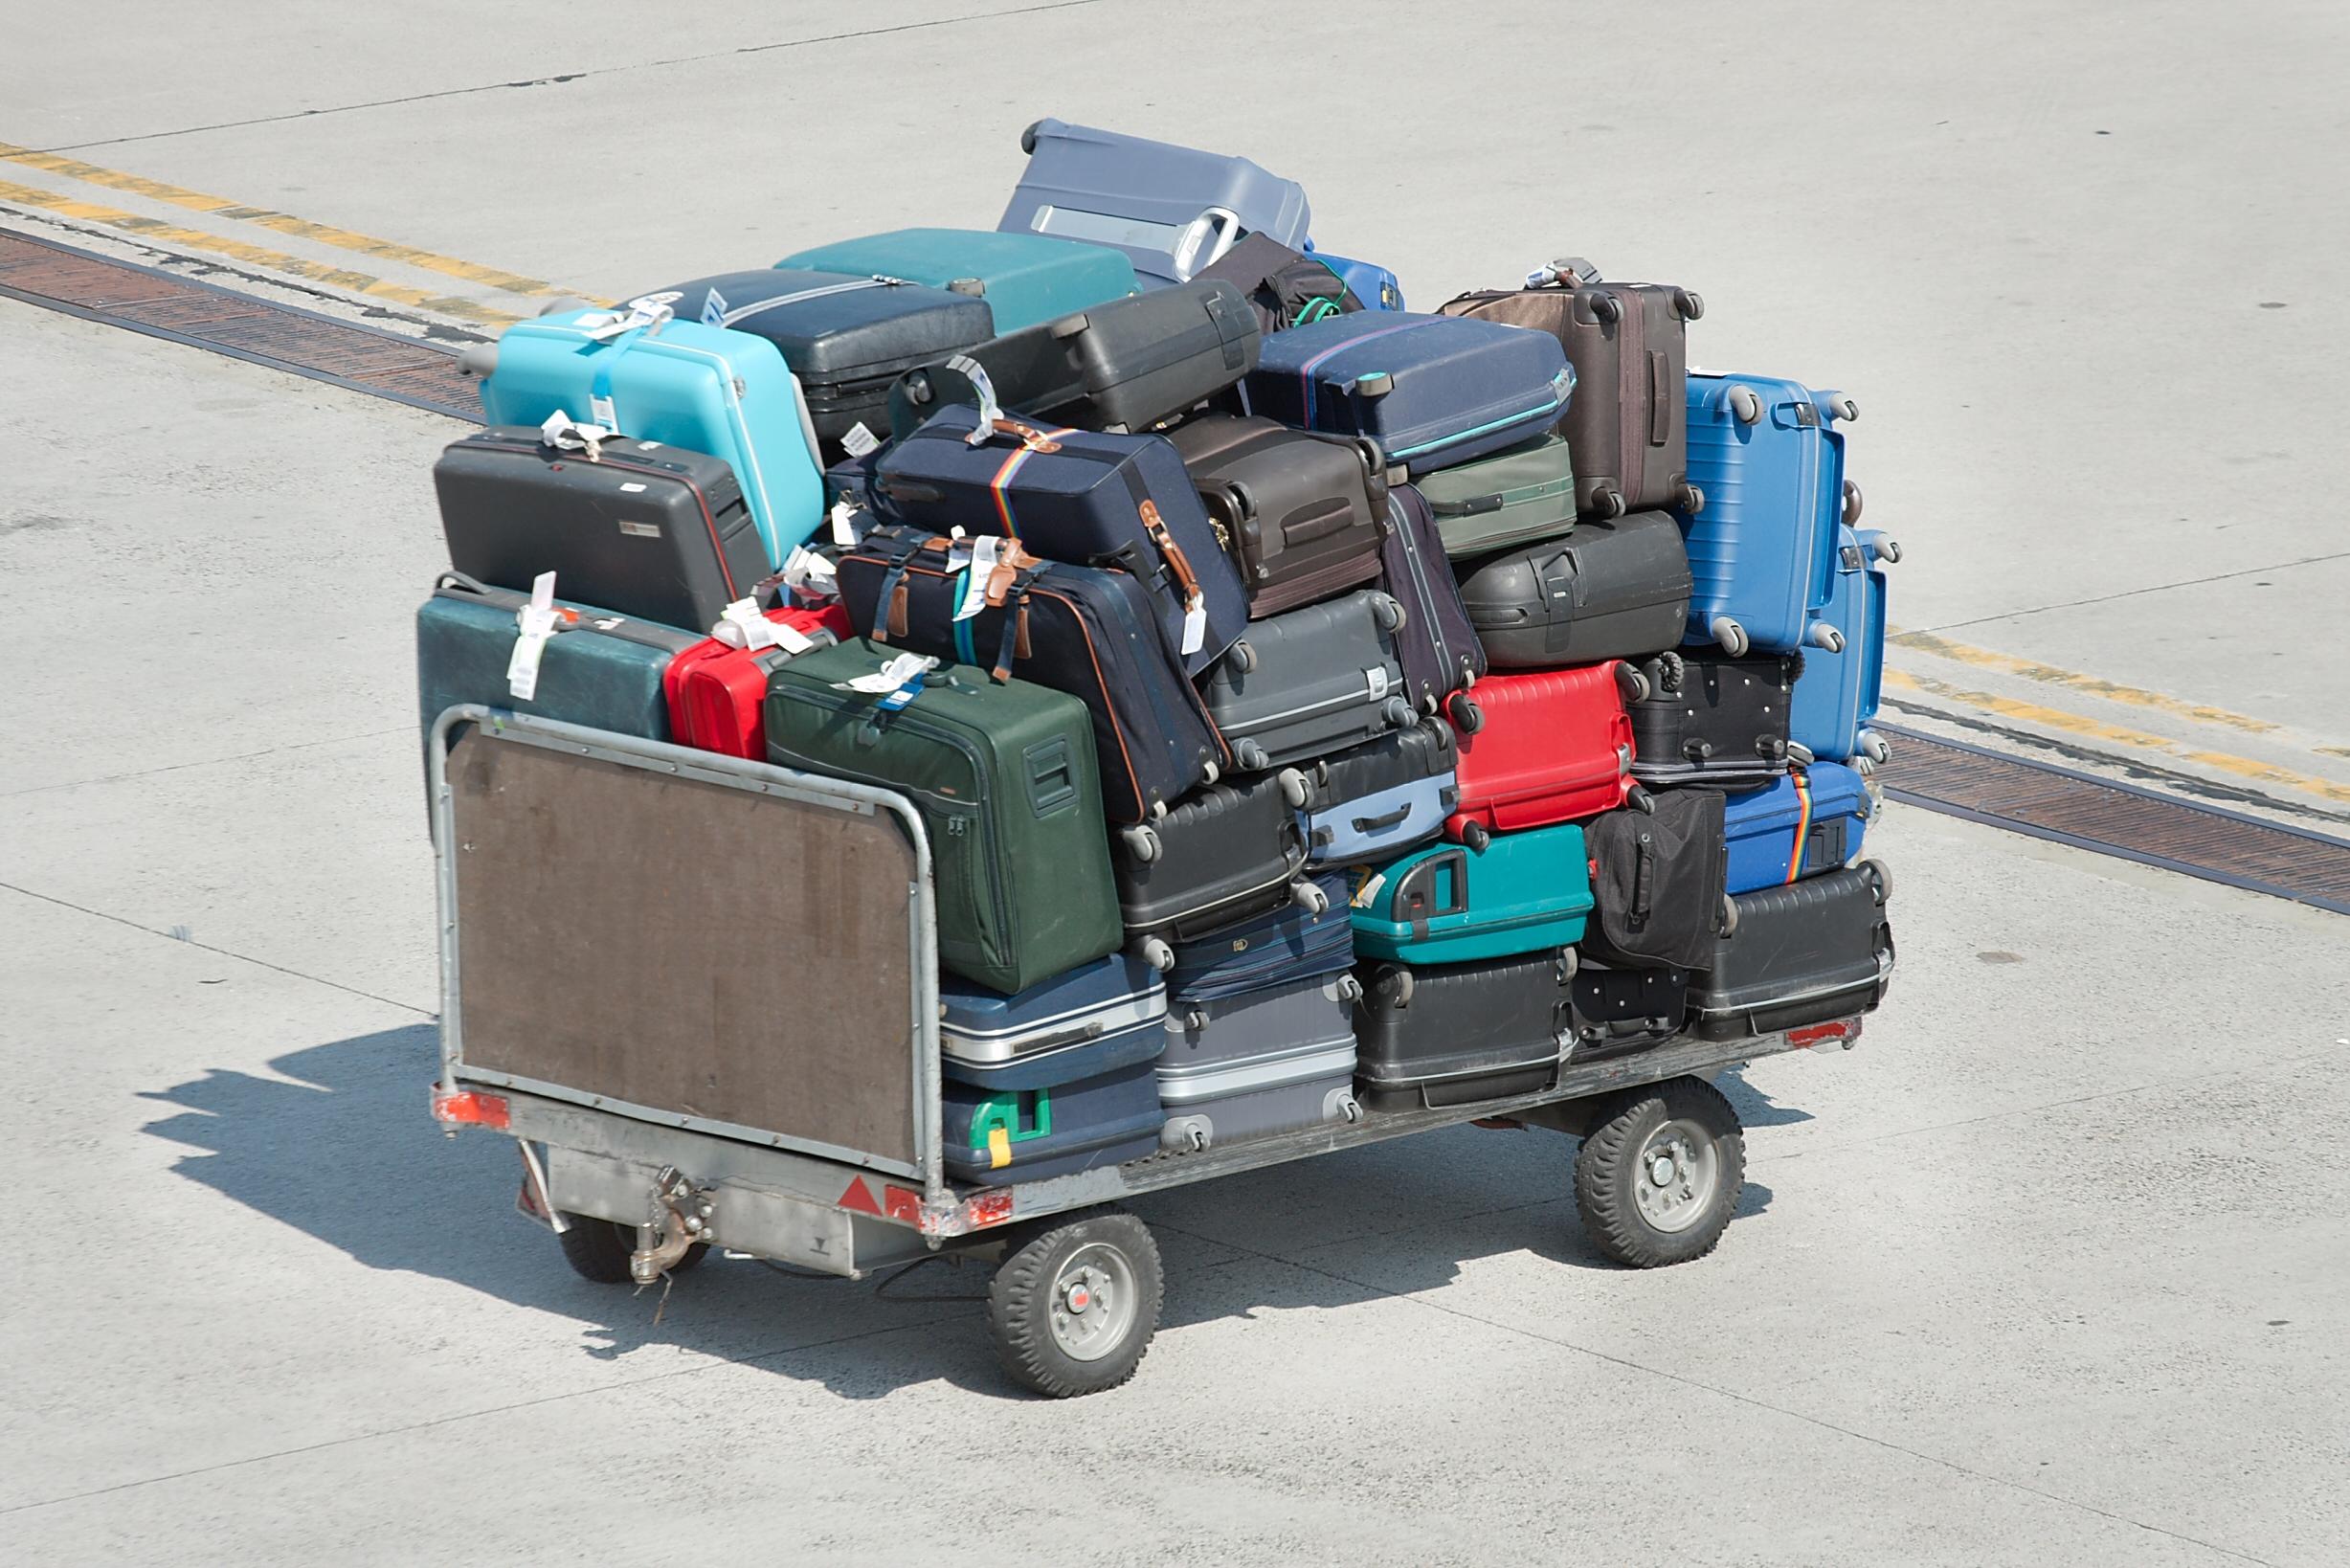 Entschädigung für verlorenes, beschädigtes und verspätetes Gepäck ...